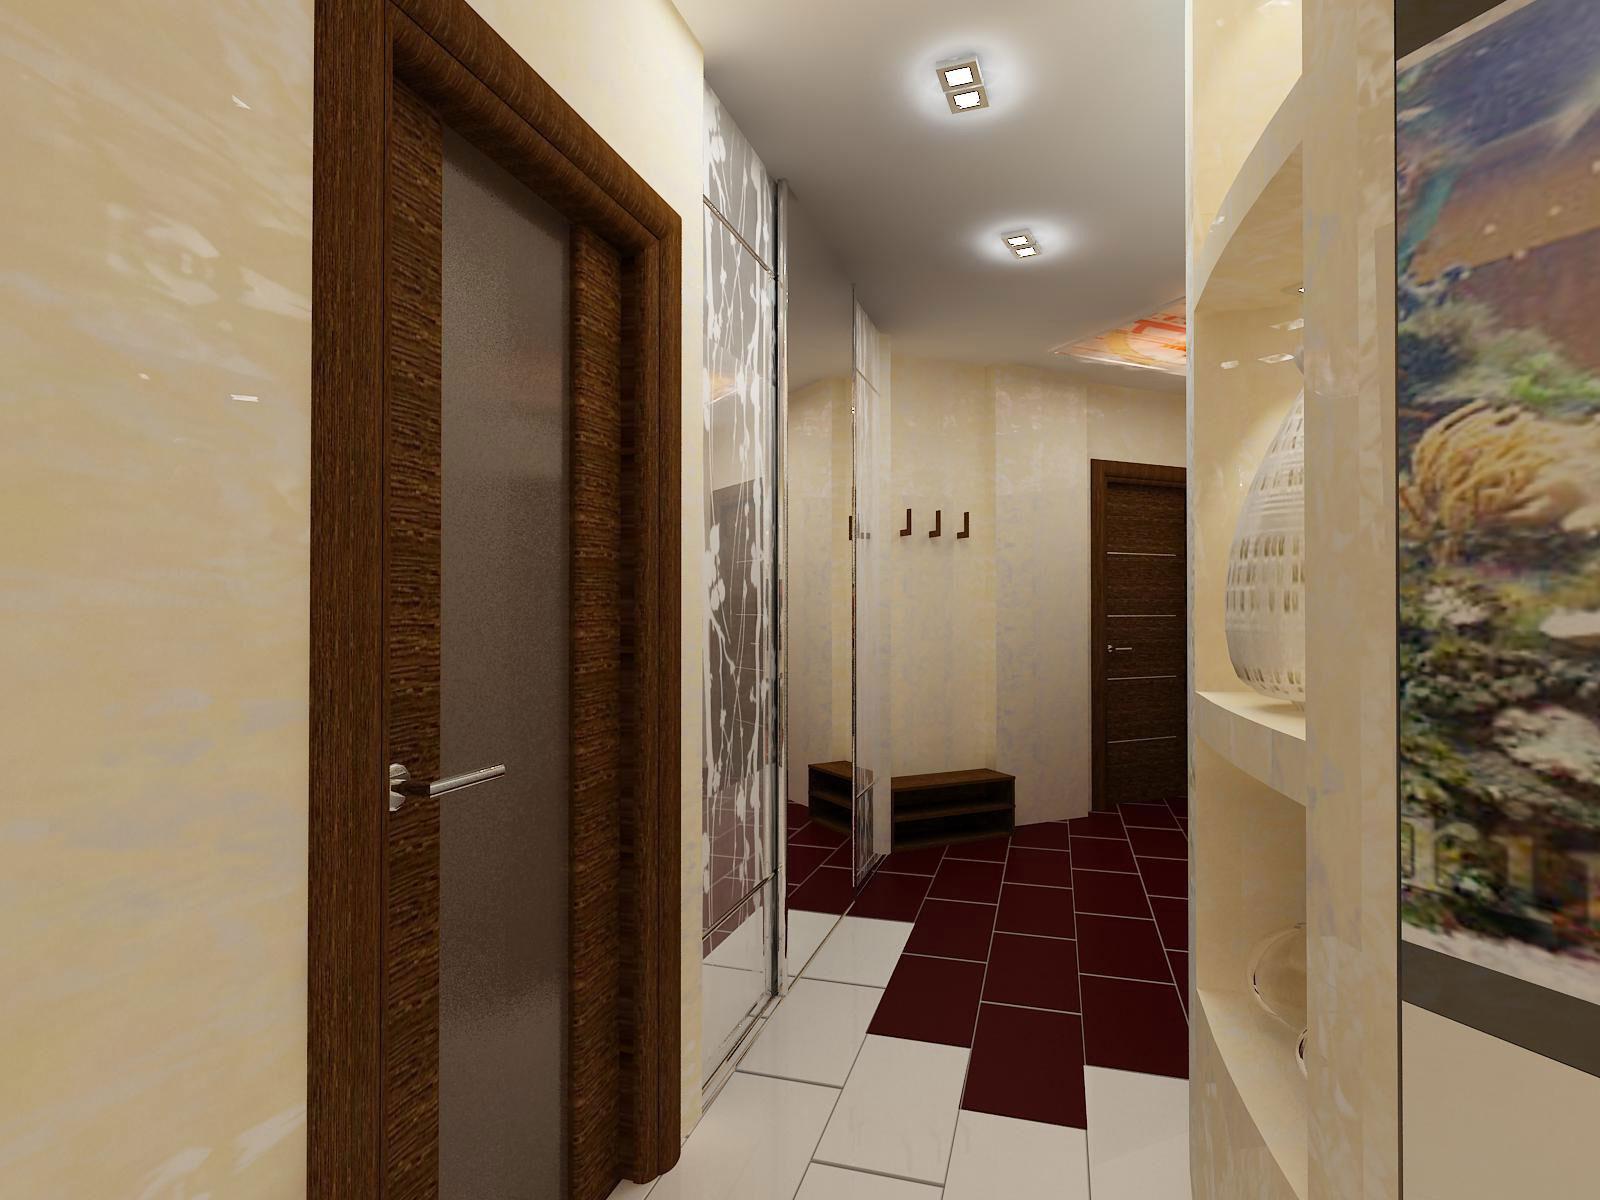 коридор с кирпичным декором и матовой стенкой